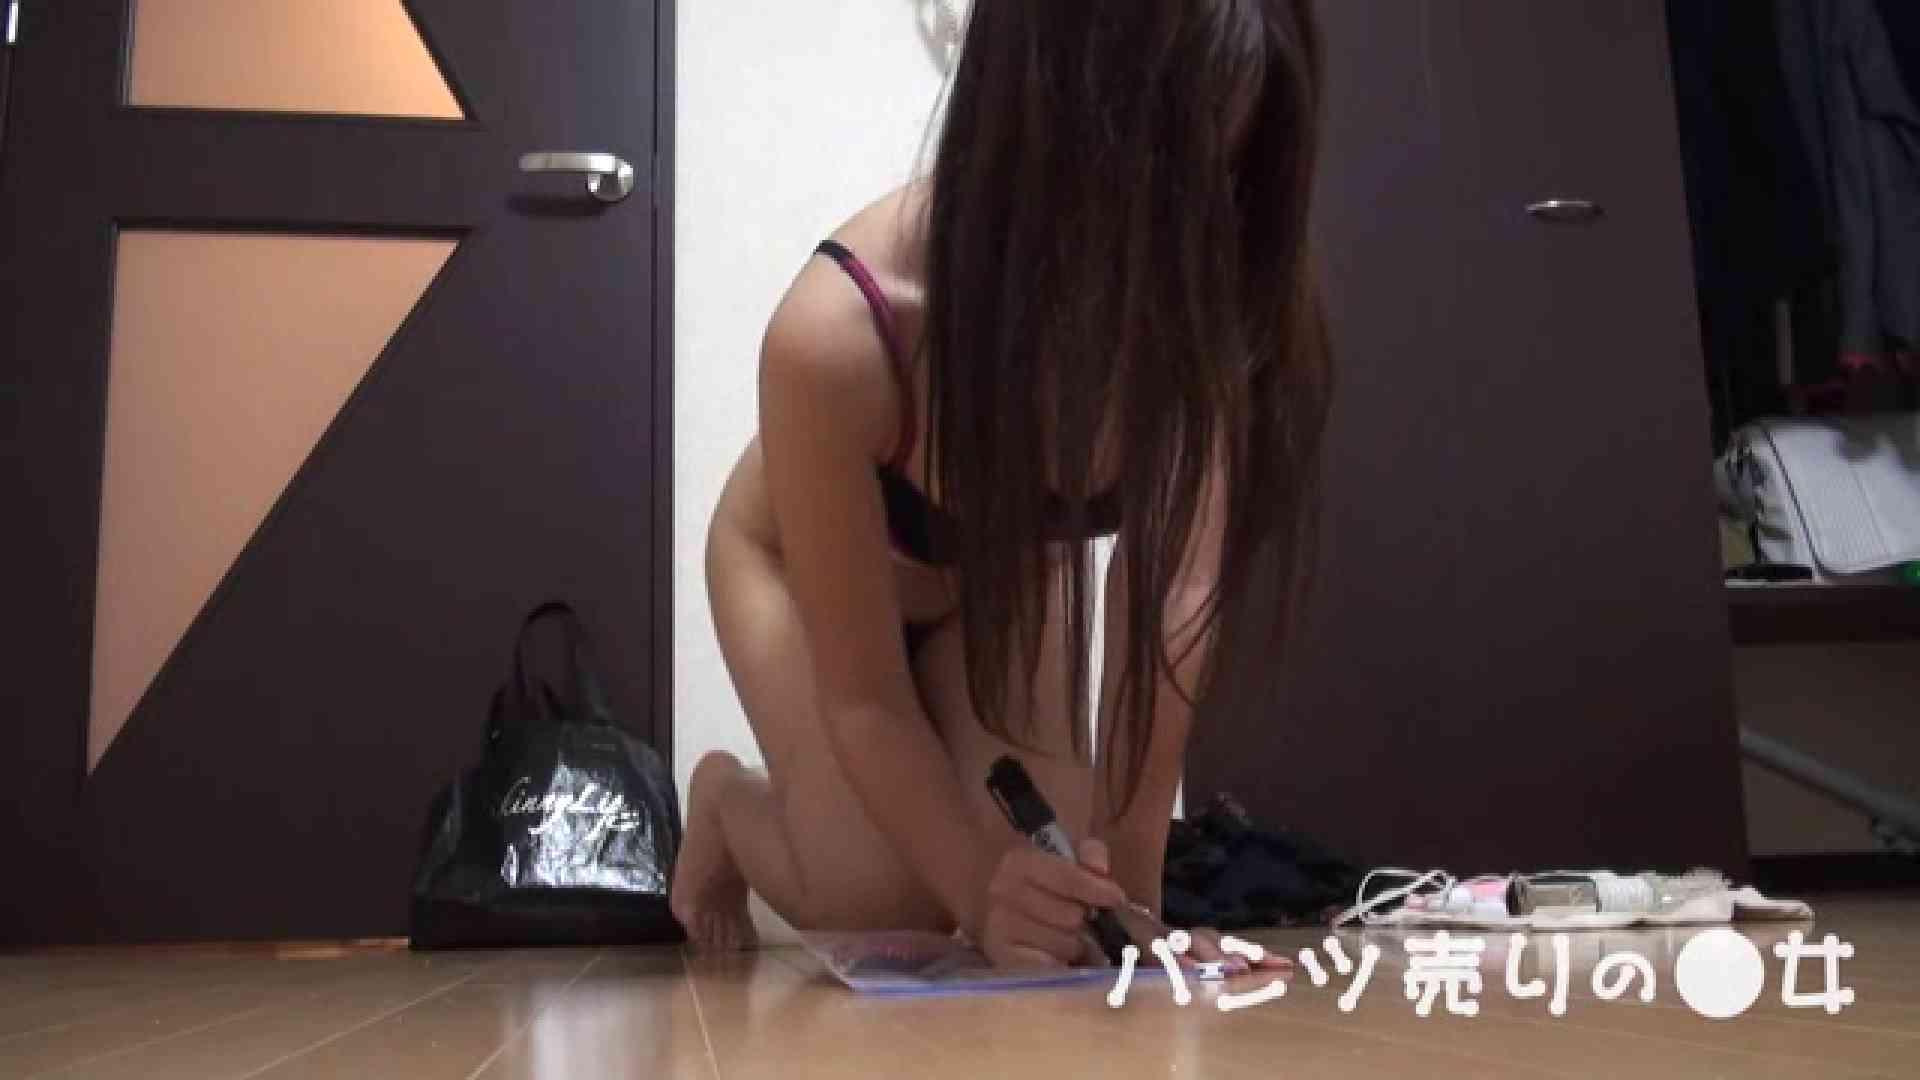 新説 パンツ売りの女の子ayu 盗撮 | おまんこモロ出し  110pic 108